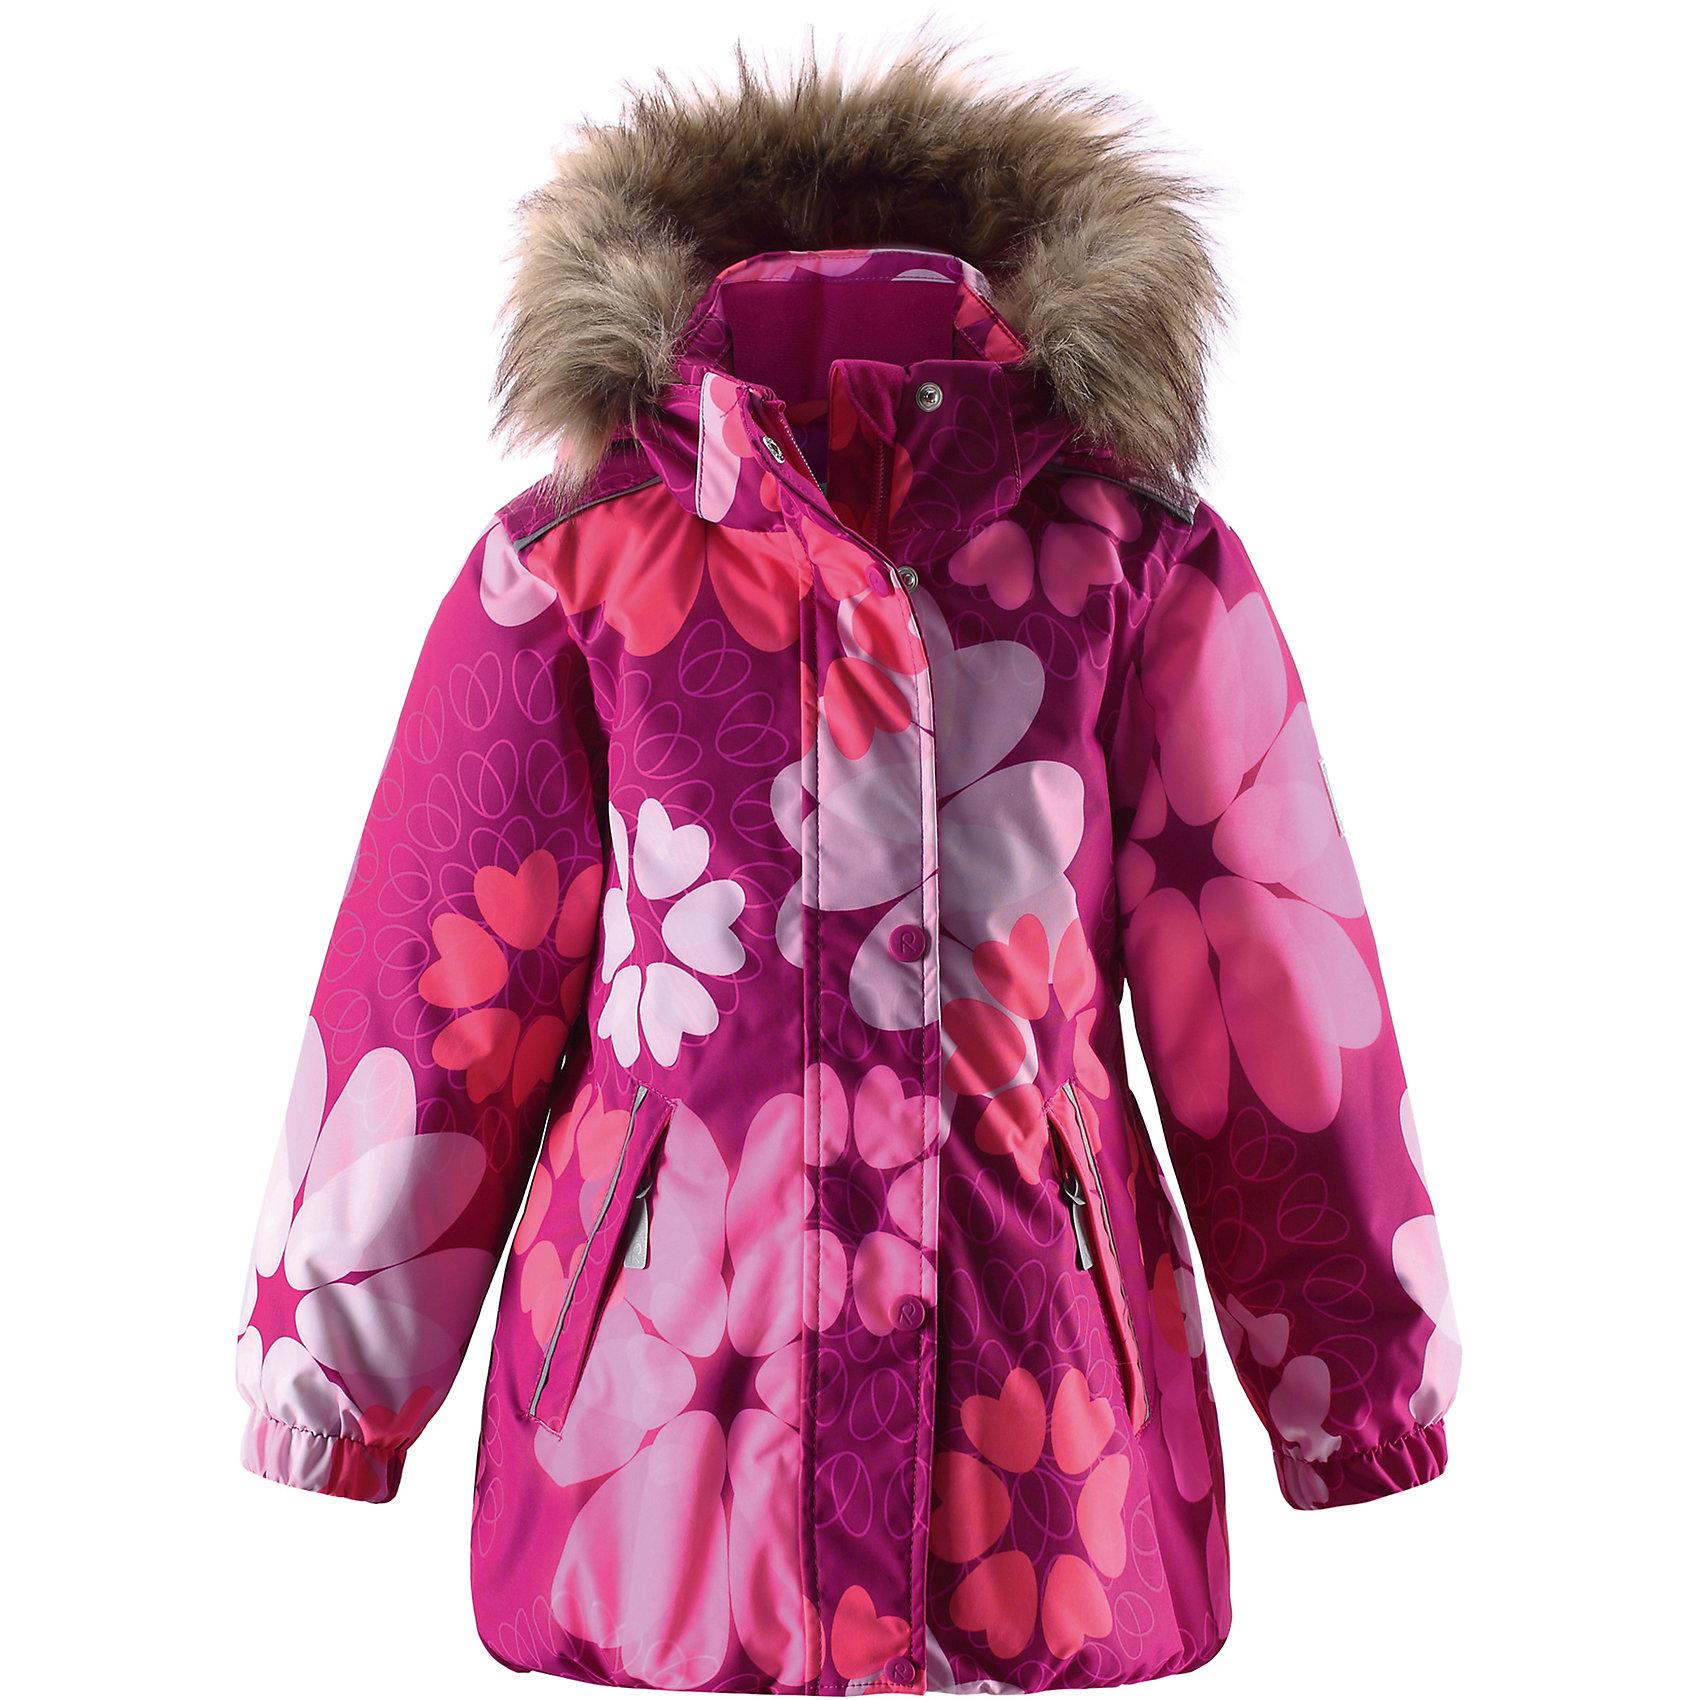 Куртка Reimatec для девочки ReimaЭй, снежные принцессы - Вашему вниманию представлена отличная, полностью водонепроницаемая зимняя куртка, которая отлично подойдет для строительства снежных замков! Эта зимняя куртка из водо- и ветронепроницаемого материала подойдет для любого вида зимних развлечений, так как изготовлена из дышащего материала, что не позволит ребенку вспотеть, каким бы подвижным он не был! Все швы куртки проклеены для водонепроницаемости, что позволяет ребенку оставаться сухим во время активного отдыха на открытом воздухе. Данная модель с цветочным принтом и забавной эластичной сборкой на подоле, регулируемой для более плотного прилегания, предназначена для девочек. Сзади на талии имеется стяжка, которая делает прямой покрой куртки более приталенным. Гладкая подкладка из полиэстера позволяет легко надевать куртку, также к ней можно пристегивать промежуточный слой. Обратите внимание, что куртка оснащена специальными кнопками Play Layers®, что позволяет пристегивать к ней промежуточный слой Reima® для дополнительного тепла и комфорта. Элегантный вид придает отстегиваемая отделка на капюшоне из искусственного меха. Проста в уходе, можно сушить в центрифуге.<br><br>Дополнительная информация:<br><br>Температурный режим: до -20<br>Средняя степень утепления: 160 г<br>Водонепроницаемая зимняя куртка для детей постарше, модель для девочек<br>Все швы проклеены, водонепроницаемы<br>Безопасный съемный капюшон, украшенный отстегивающимся искусственным мехом<br>Два кармана на молнии<br>Подол регулируется<br>Безопасные светоотражающие детали<br><br>Куртку Reimatec для девочки Reima (Рейма) можно купить в нашем магазине.<br><br>Ширина мм: 356<br>Глубина мм: 10<br>Высота мм: 245<br>Вес г: 519<br>Цвет: розовый<br>Возраст от месяцев: 24<br>Возраст до месяцев: 36<br>Пол: Женский<br>Возраст: Детский<br>Размер: 98,140,122,134,92,104,110,116,128<br>SKU: 4412988